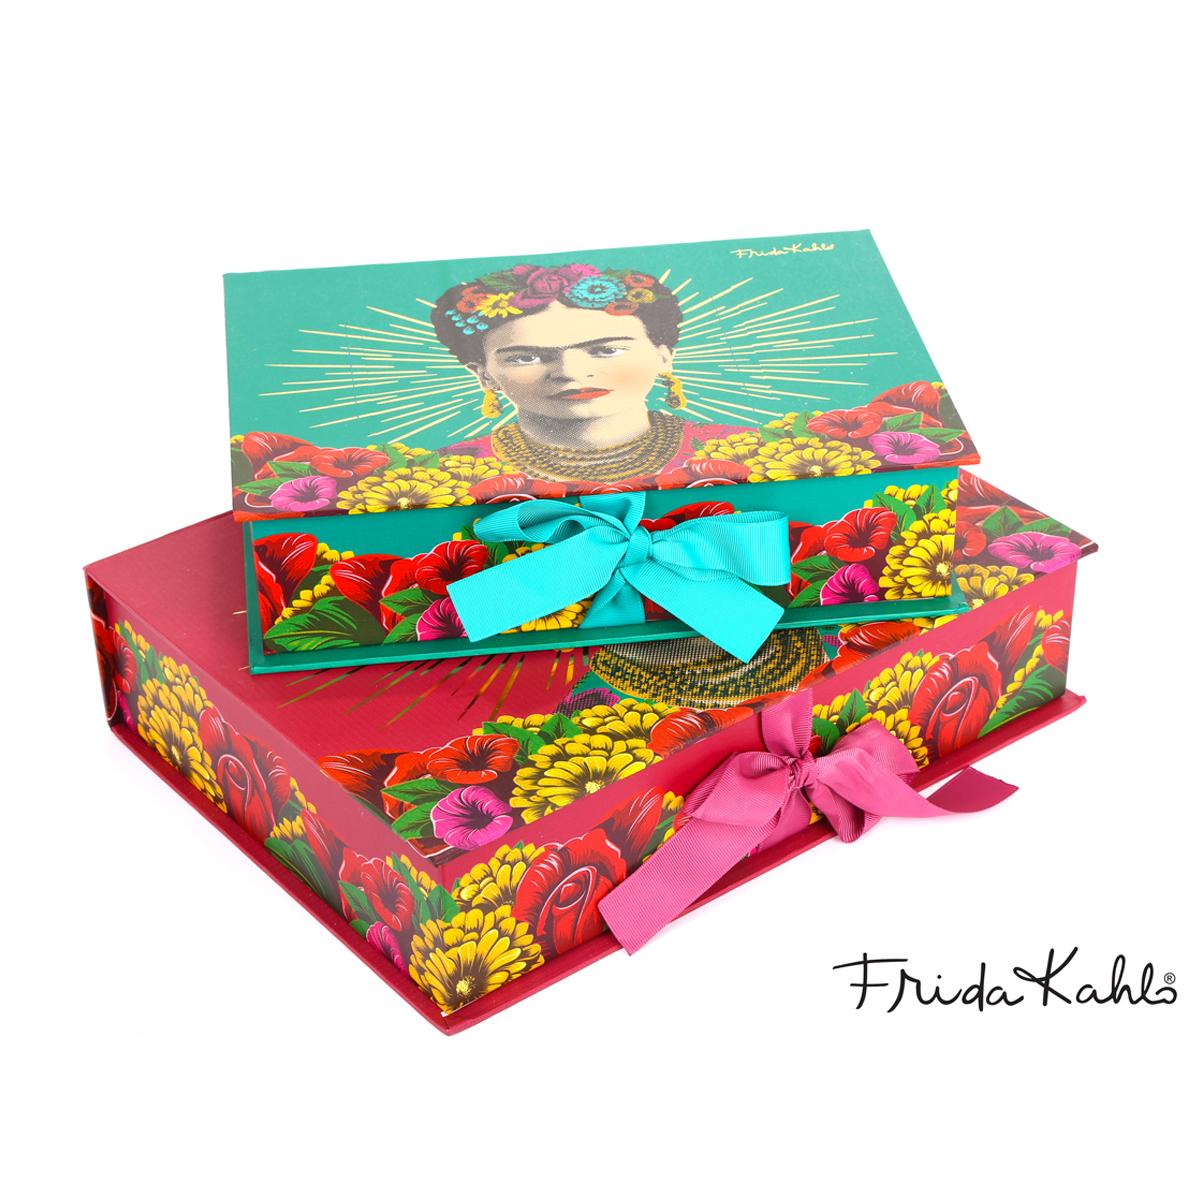 2 boites gigognes \'Frida Kahlo\' vert rouge - 33x24x8 cm et 28x20x7 cm - [A0606]